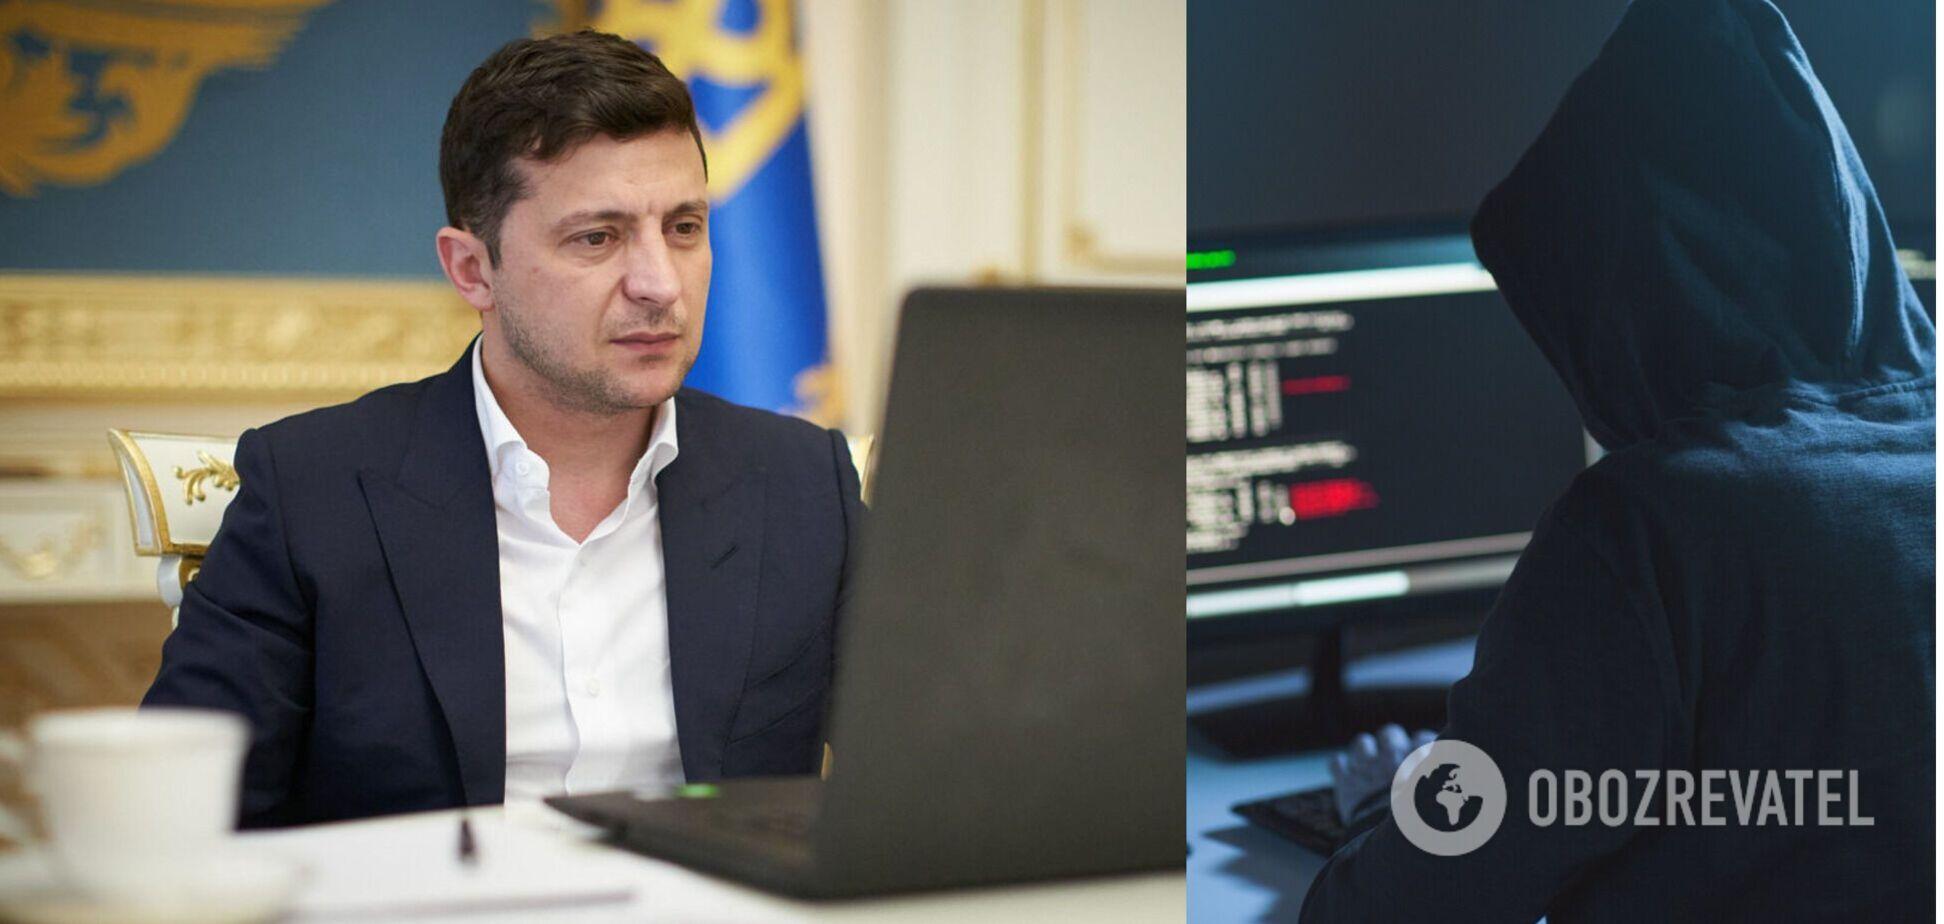 Атака на сайты госвласти Украины